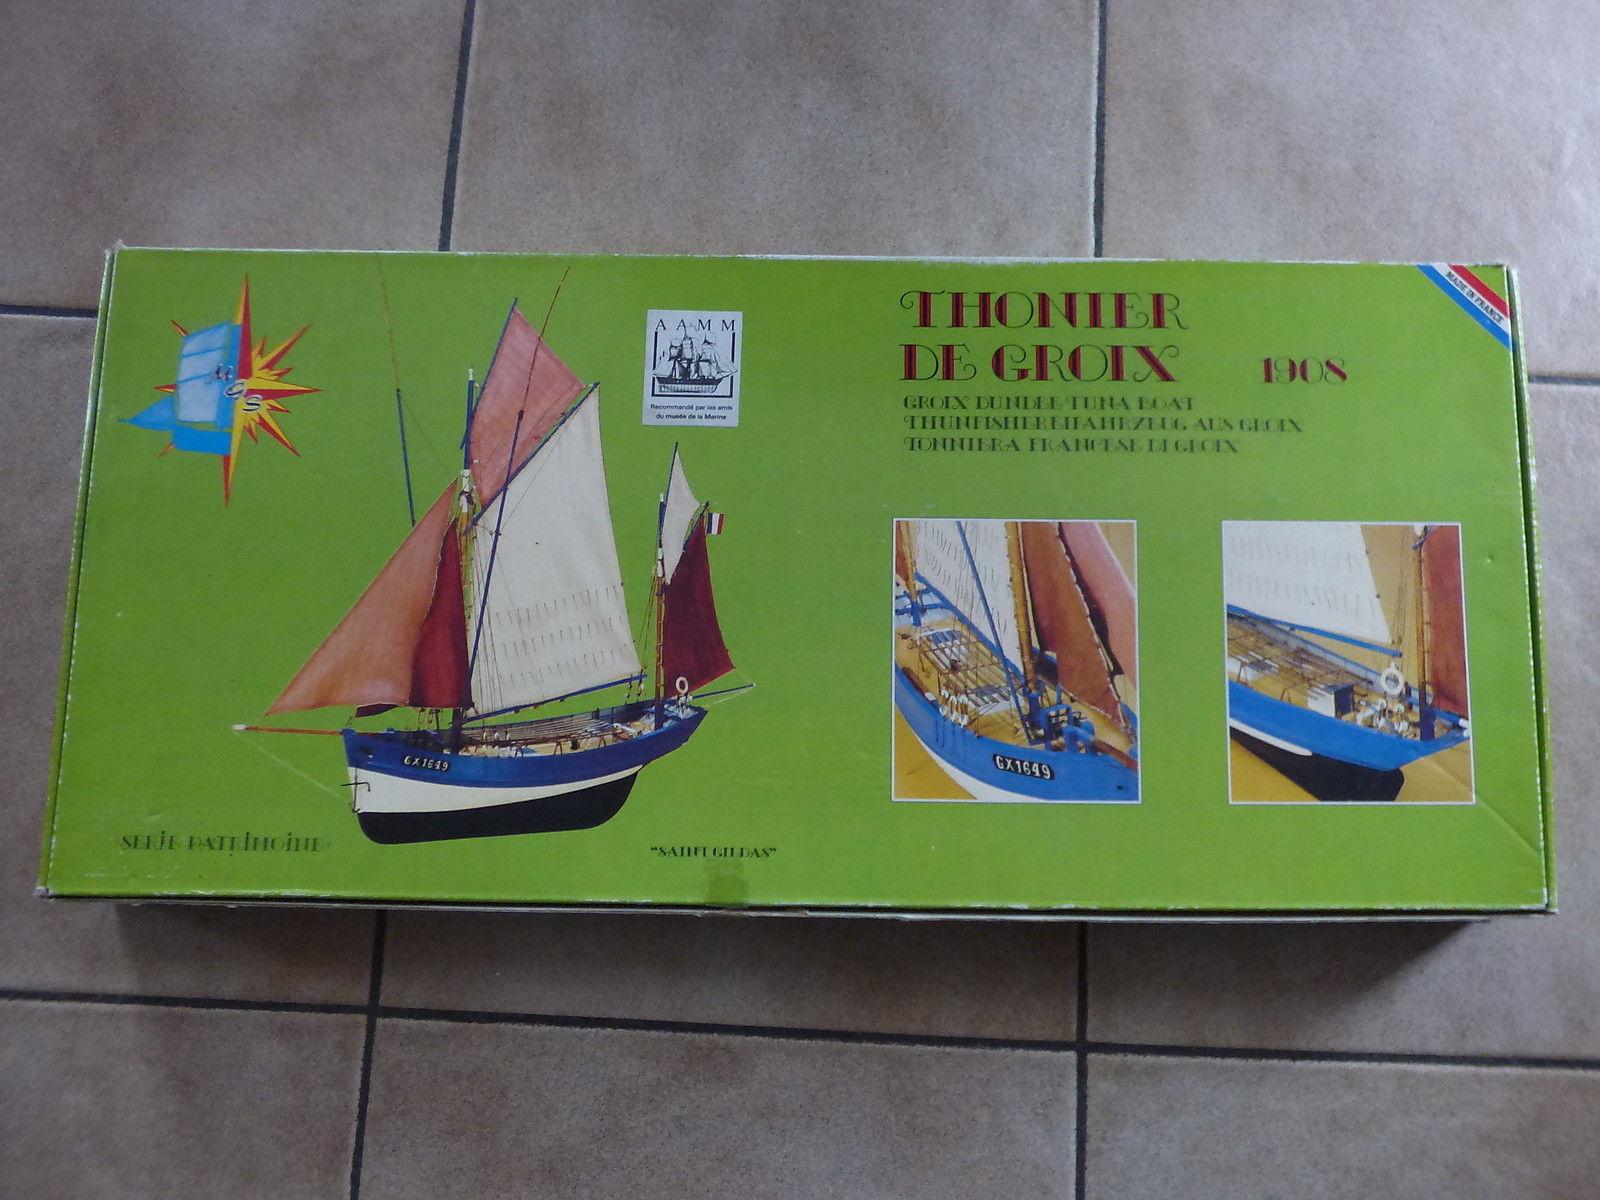 Thonier de Groix Saint-Gildas 1908 au 1/50 de G-Schmitt  - Page 17 18070908290919949815799293